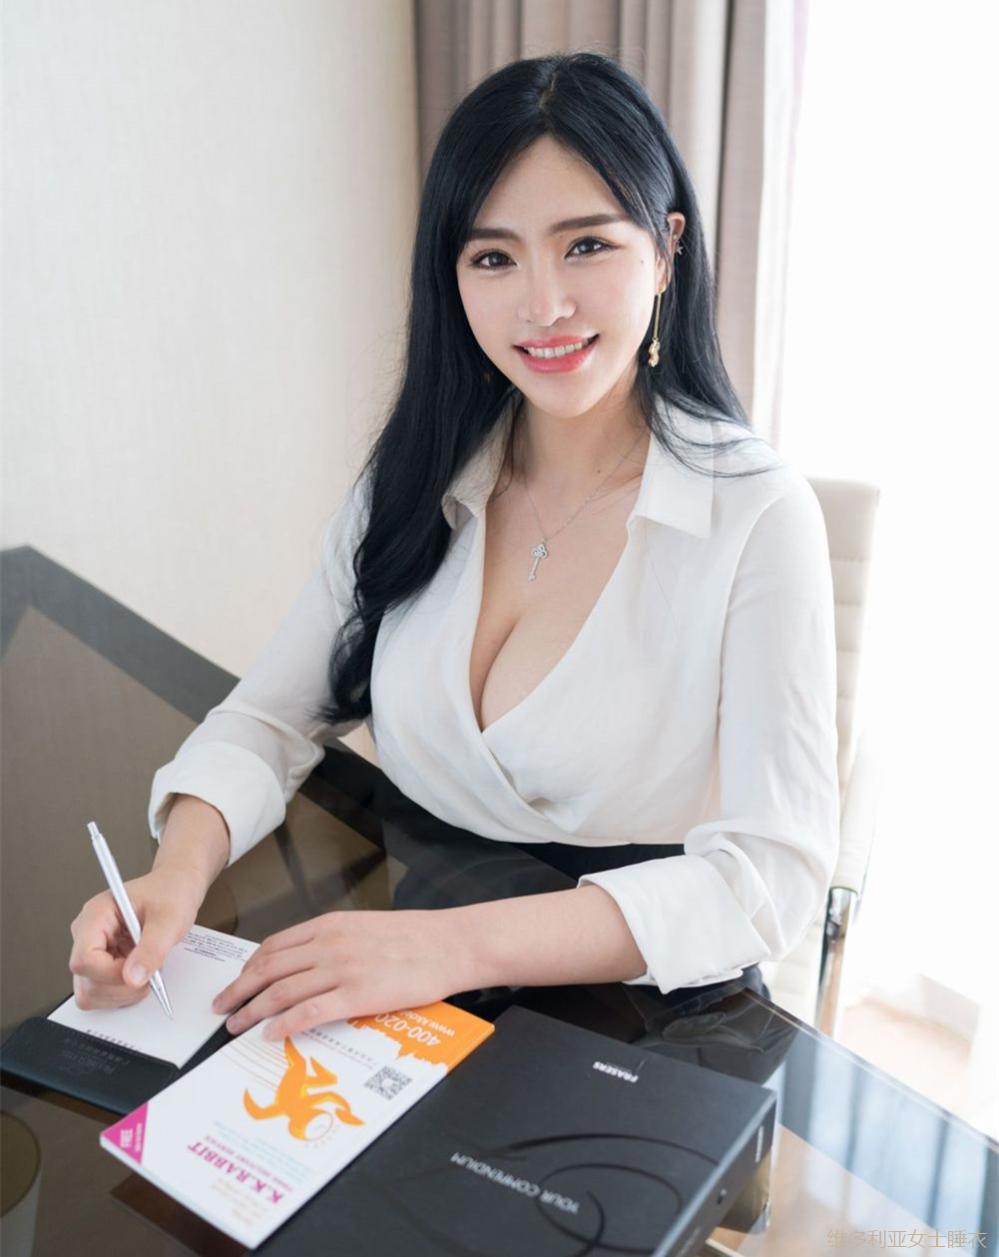 丰腴身材的女秘书穿高腰包臀裙尽显妩媚感, 老板特别赏识 6